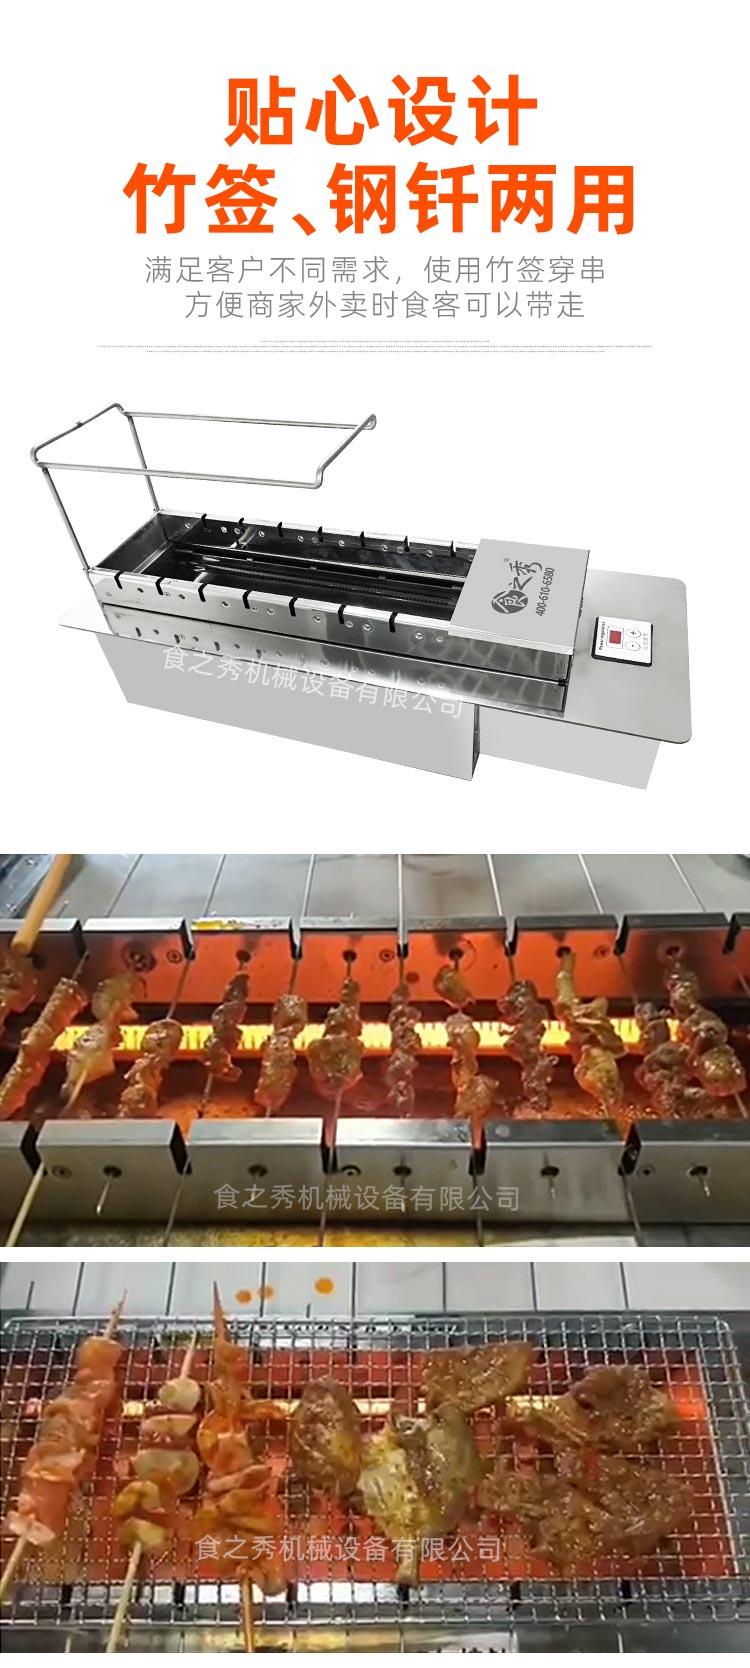 能用竹签的全自动电烤串炉子多少钱一台,哪里能买到竹签钢钎两用的电烤炉